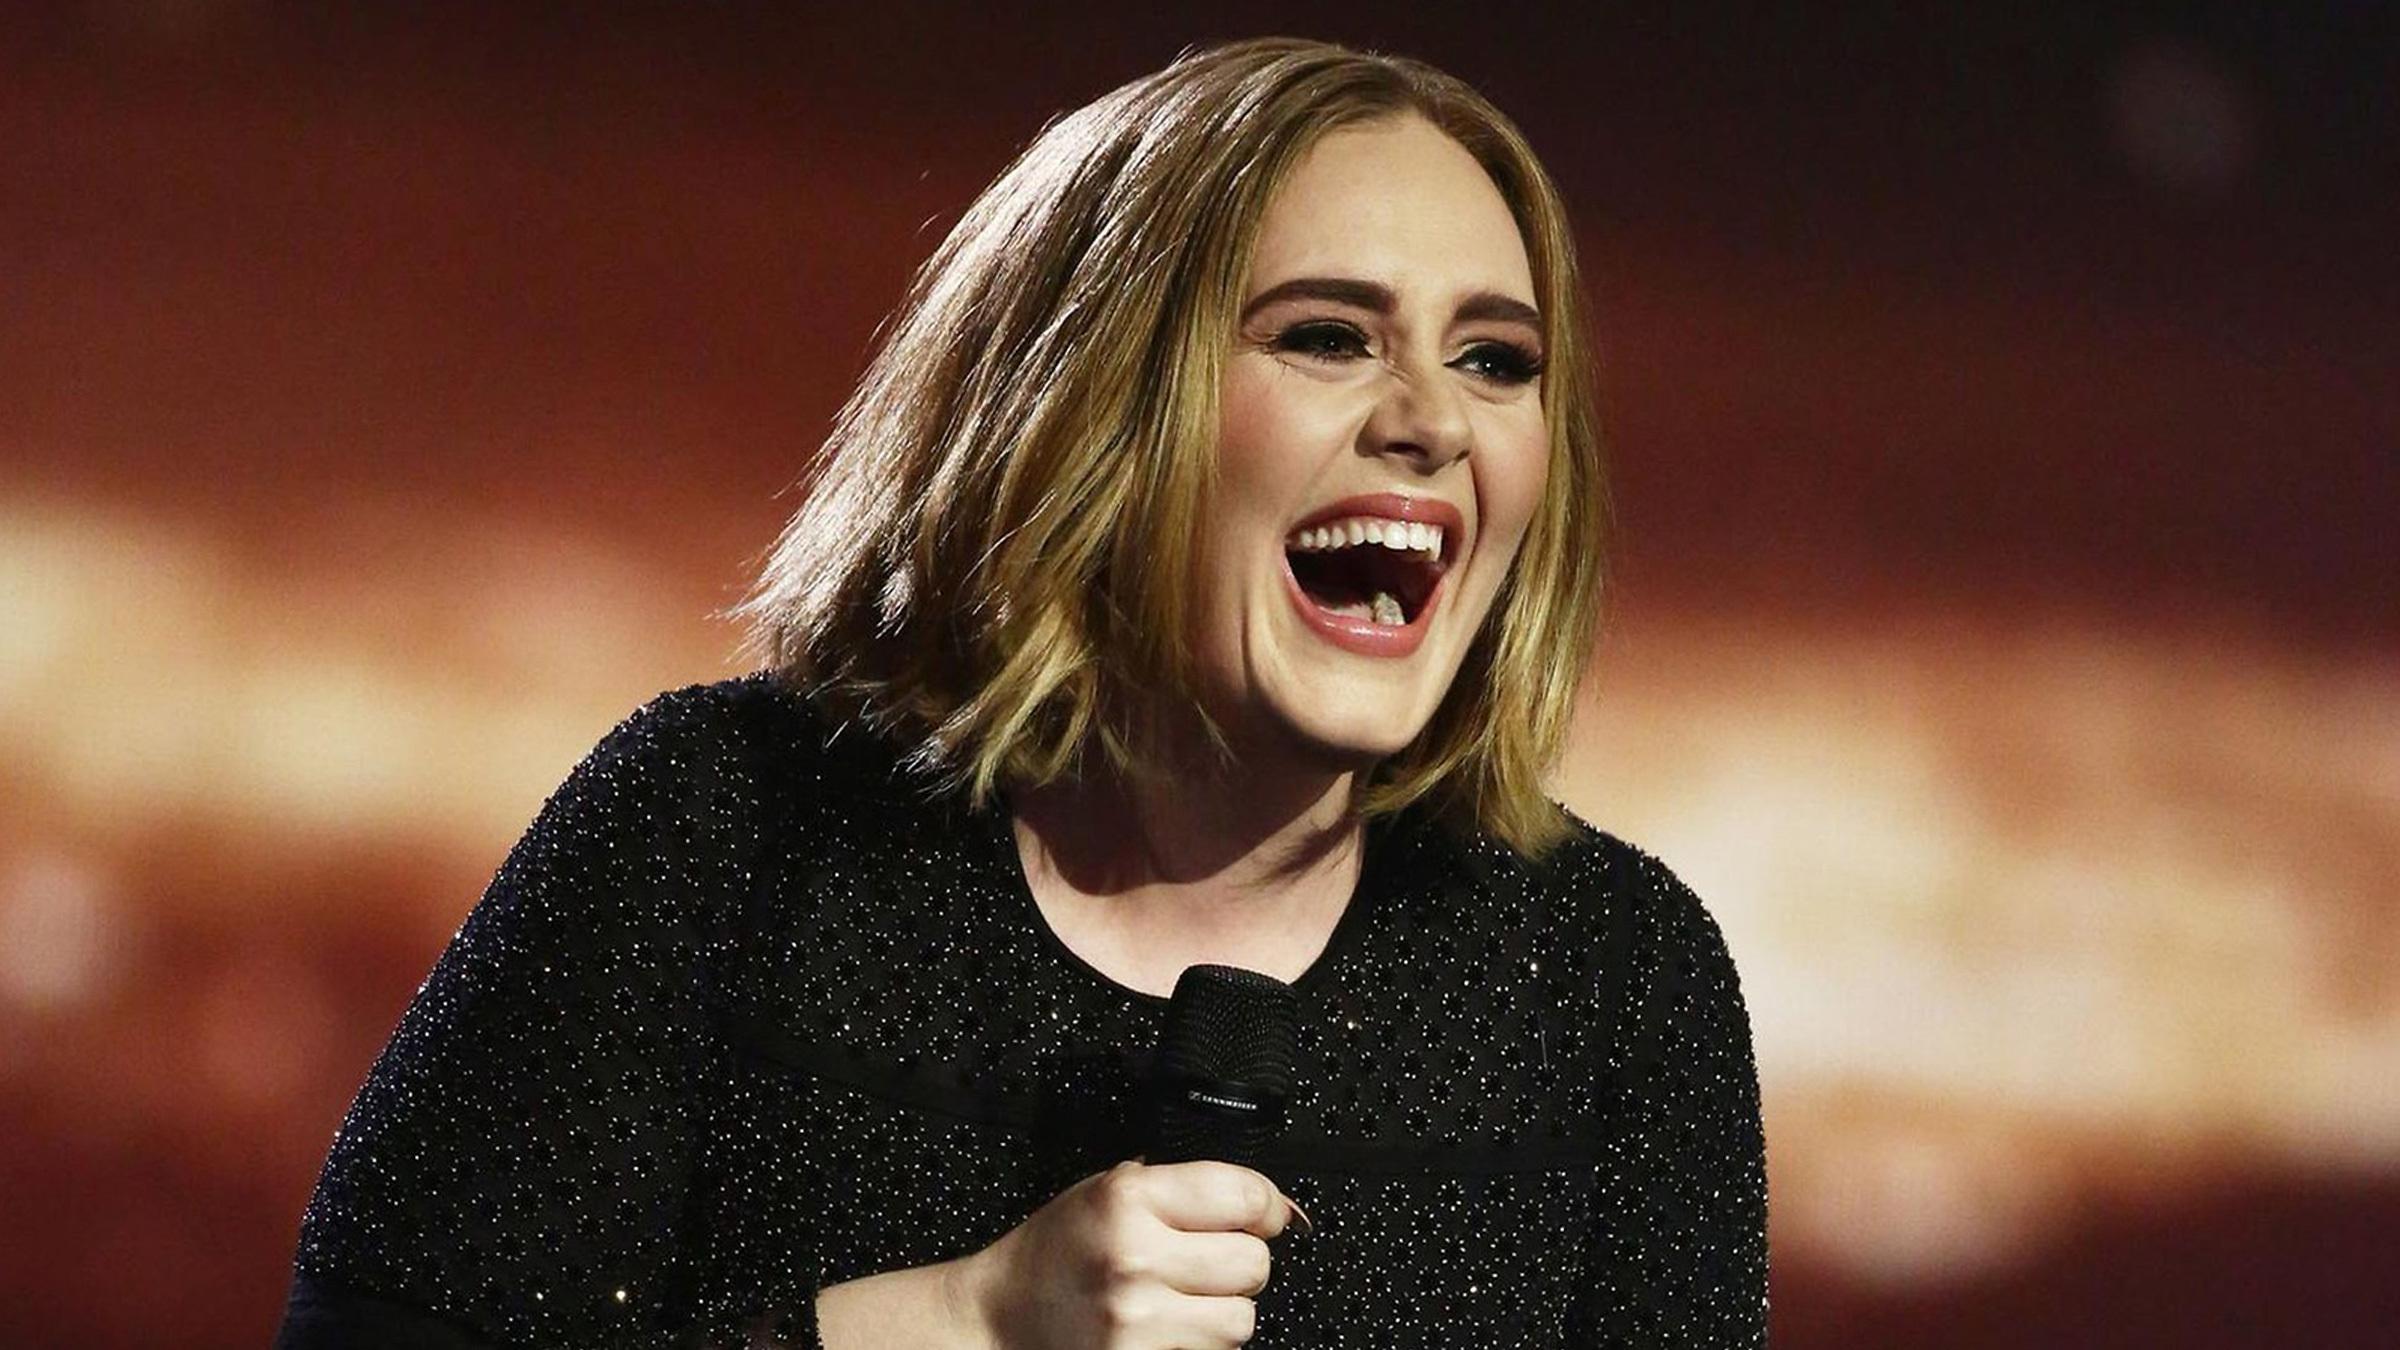 Adele ziggo teaser